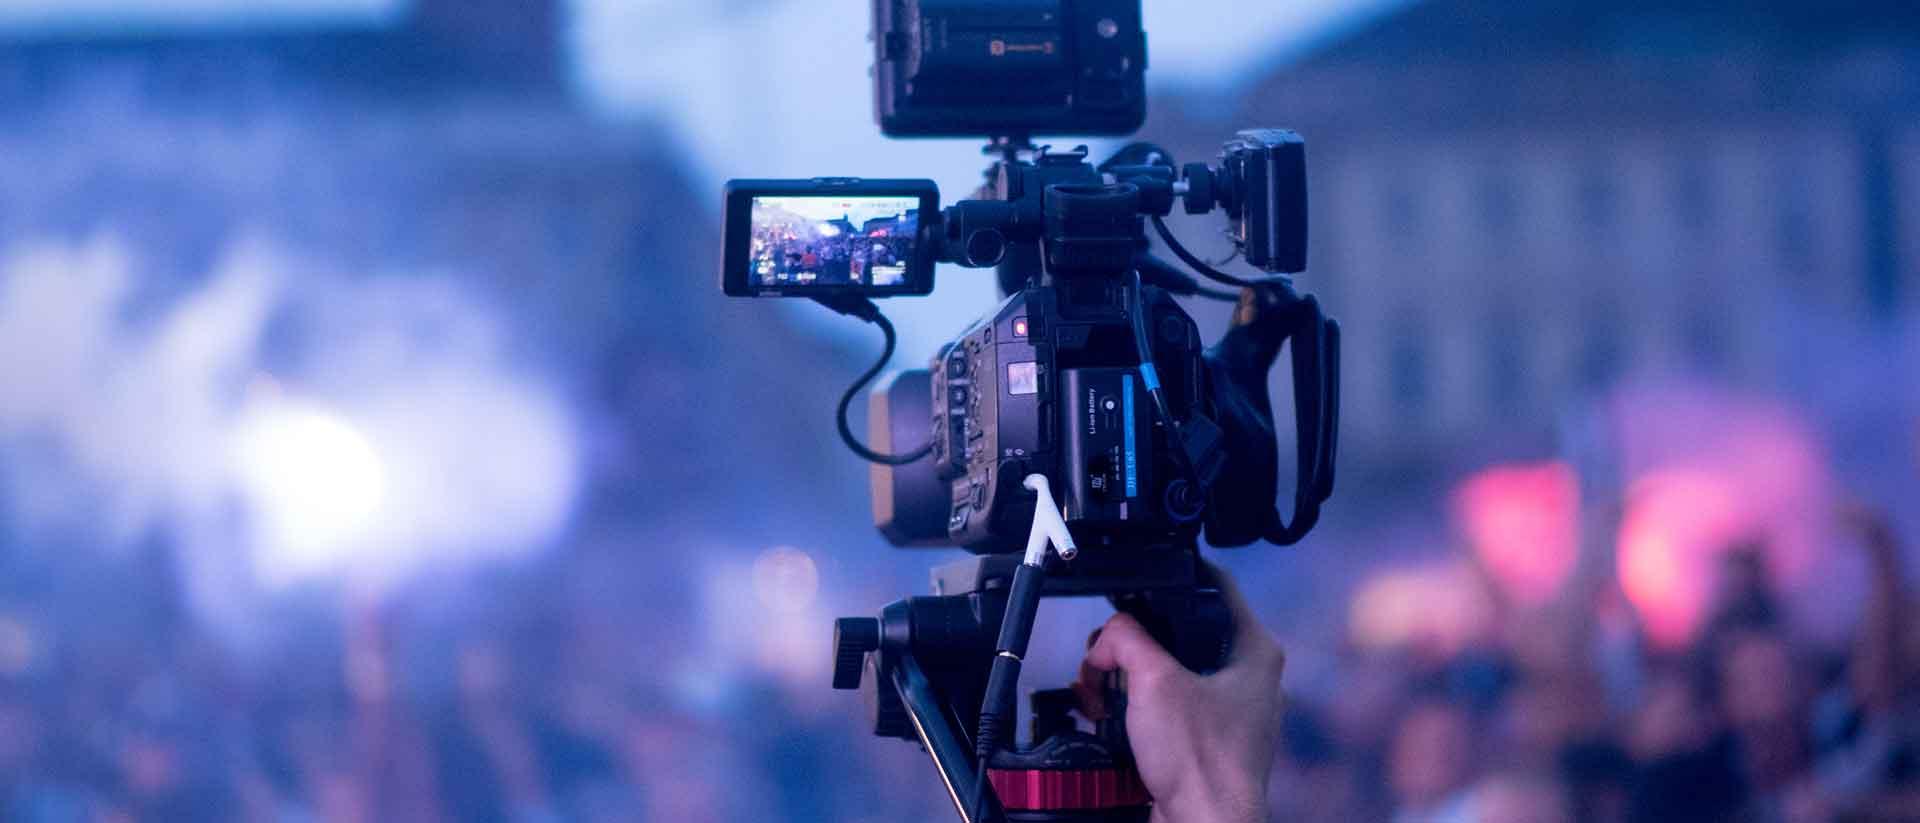 Repairing problematc video